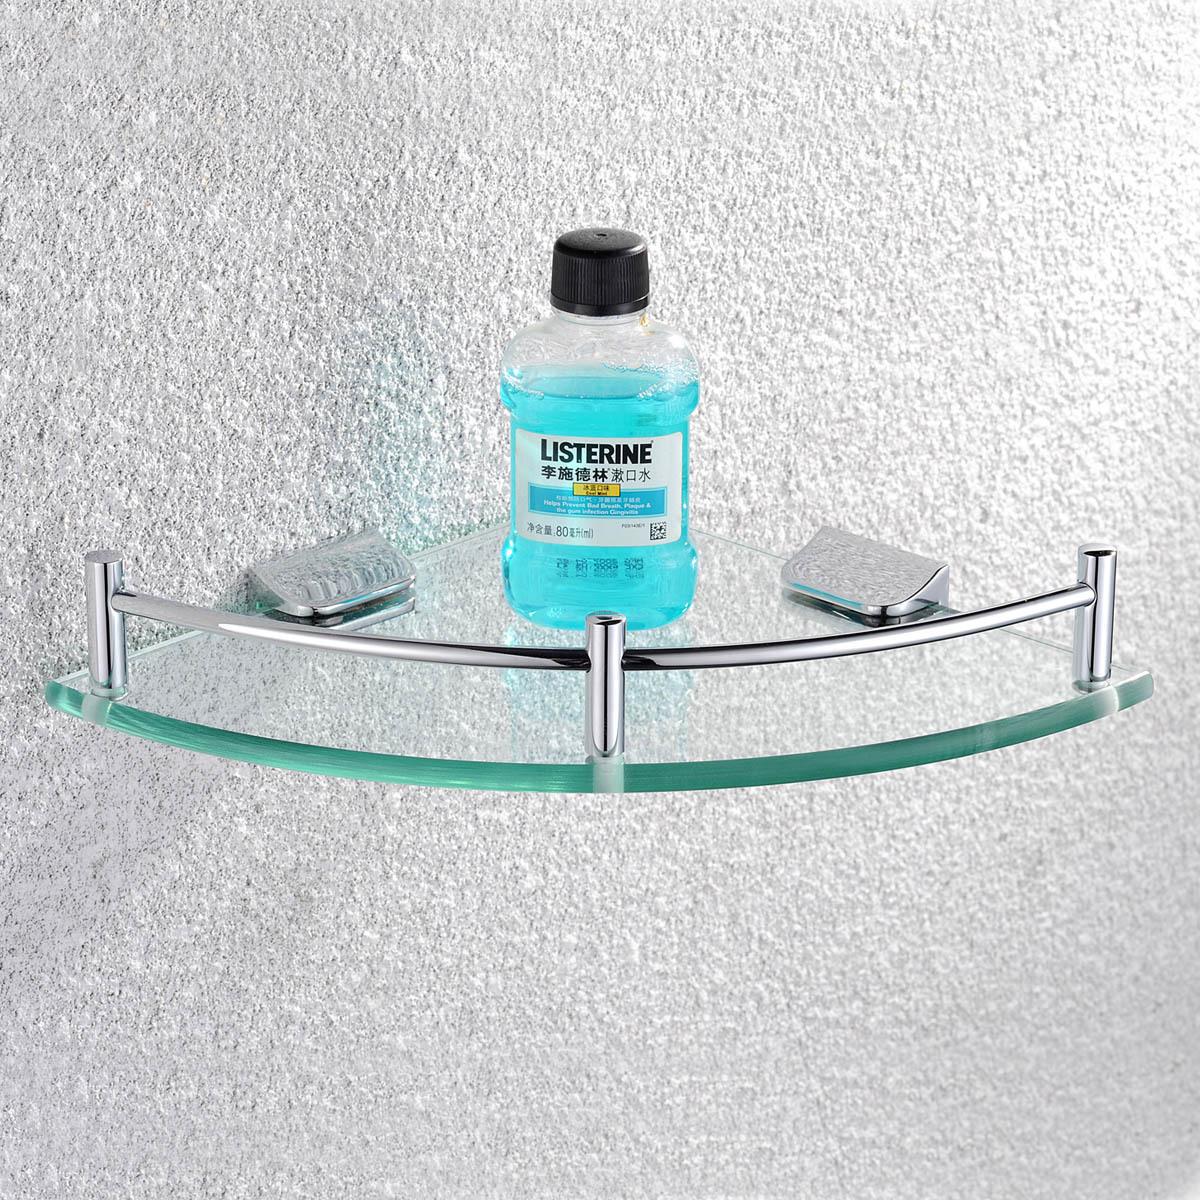 Xiangyun tablette de salle de bain suite delta de support for Tablette salle de bain